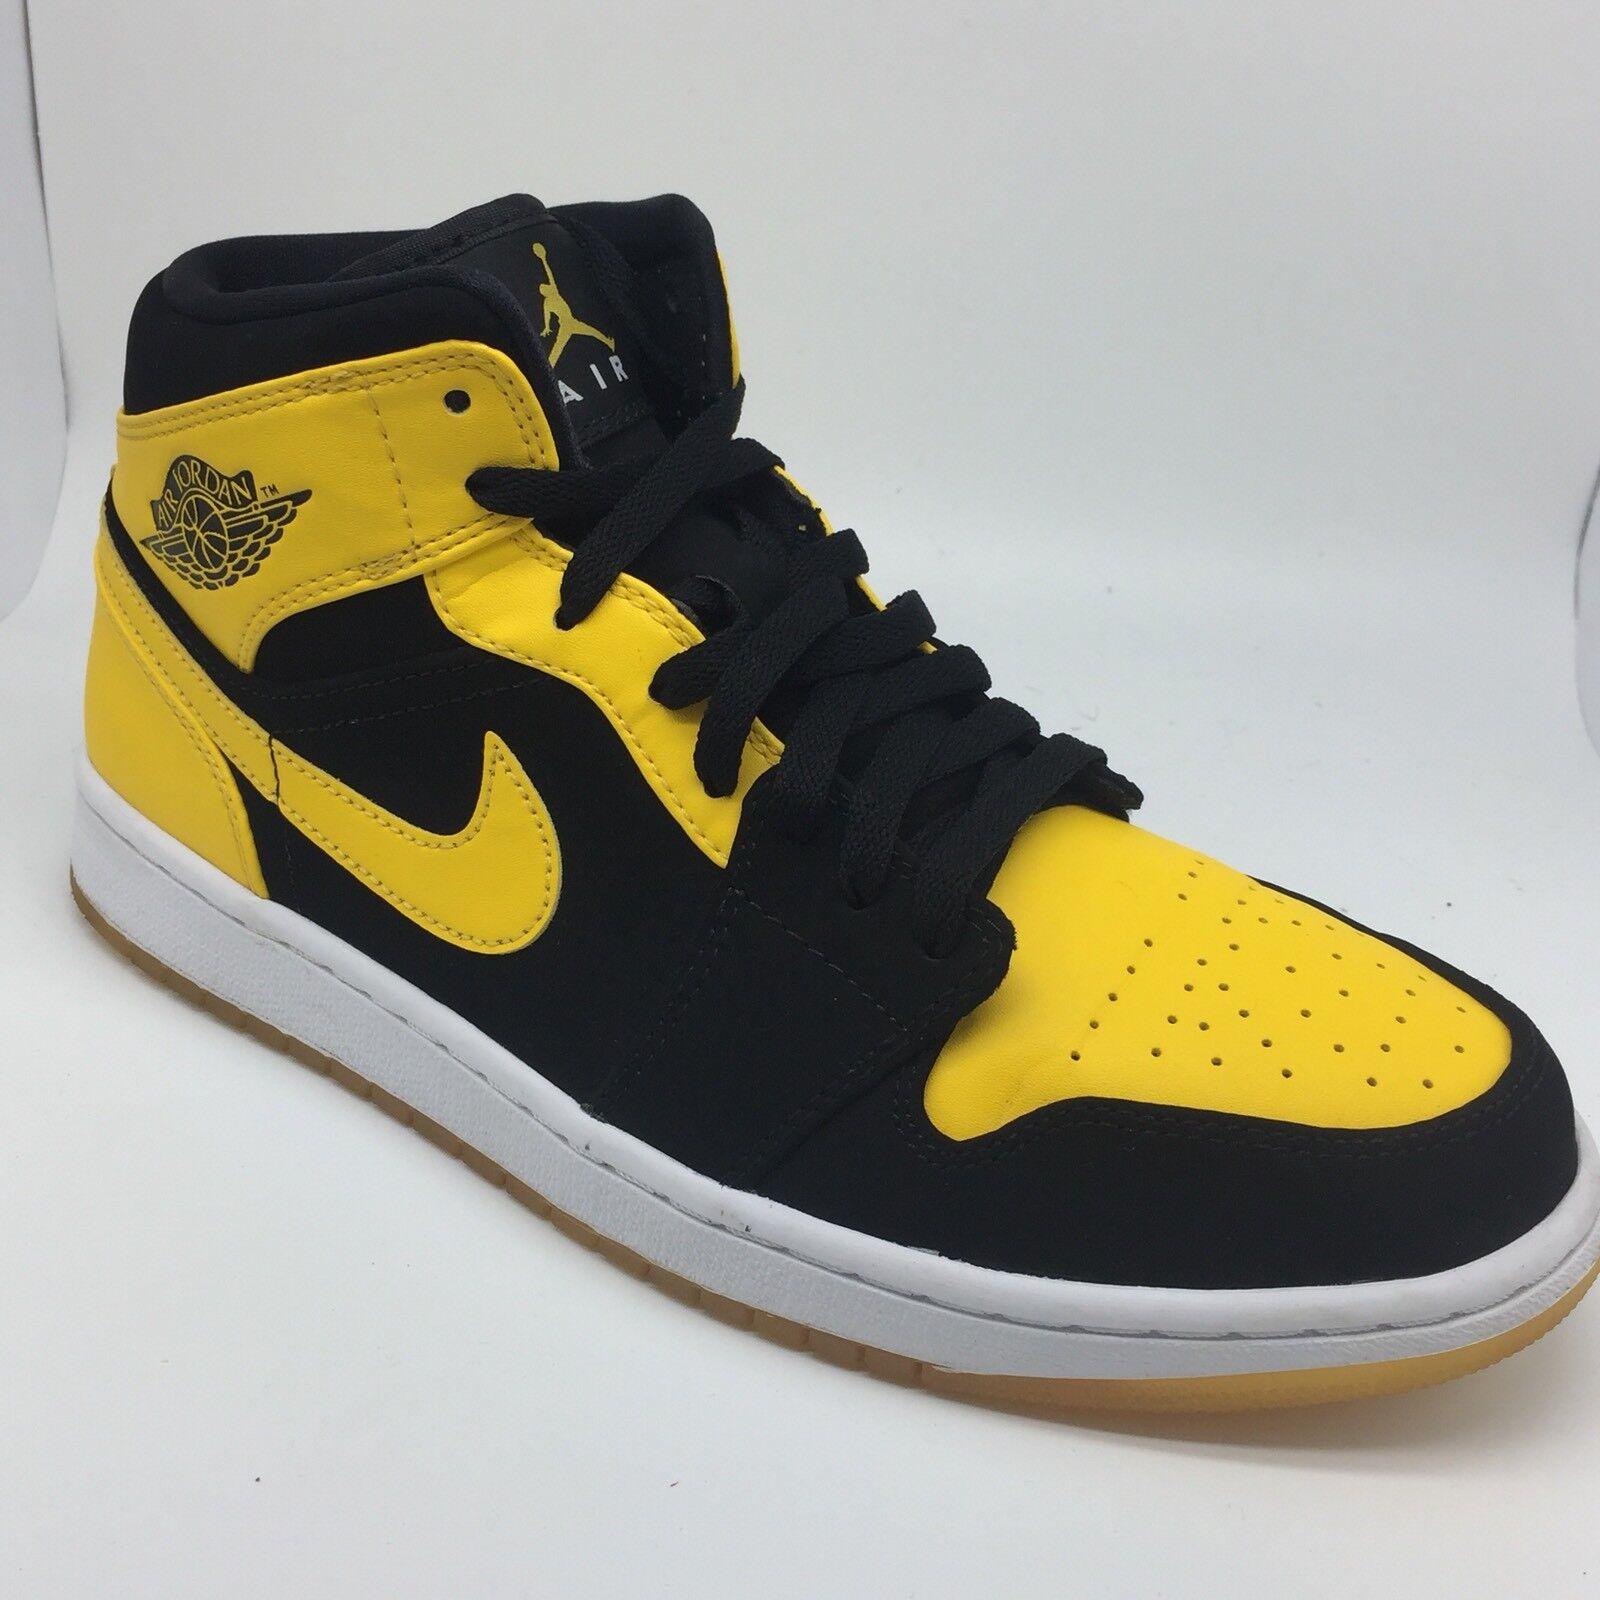 new style c1169 1e116 Nike Air 1 Jordan 1 Air nuevo amor negro amarillo viejo amor criados  cómodos zapatos nuevos para hombres y mujeres, el limitado tiempo de  descuento f651bd